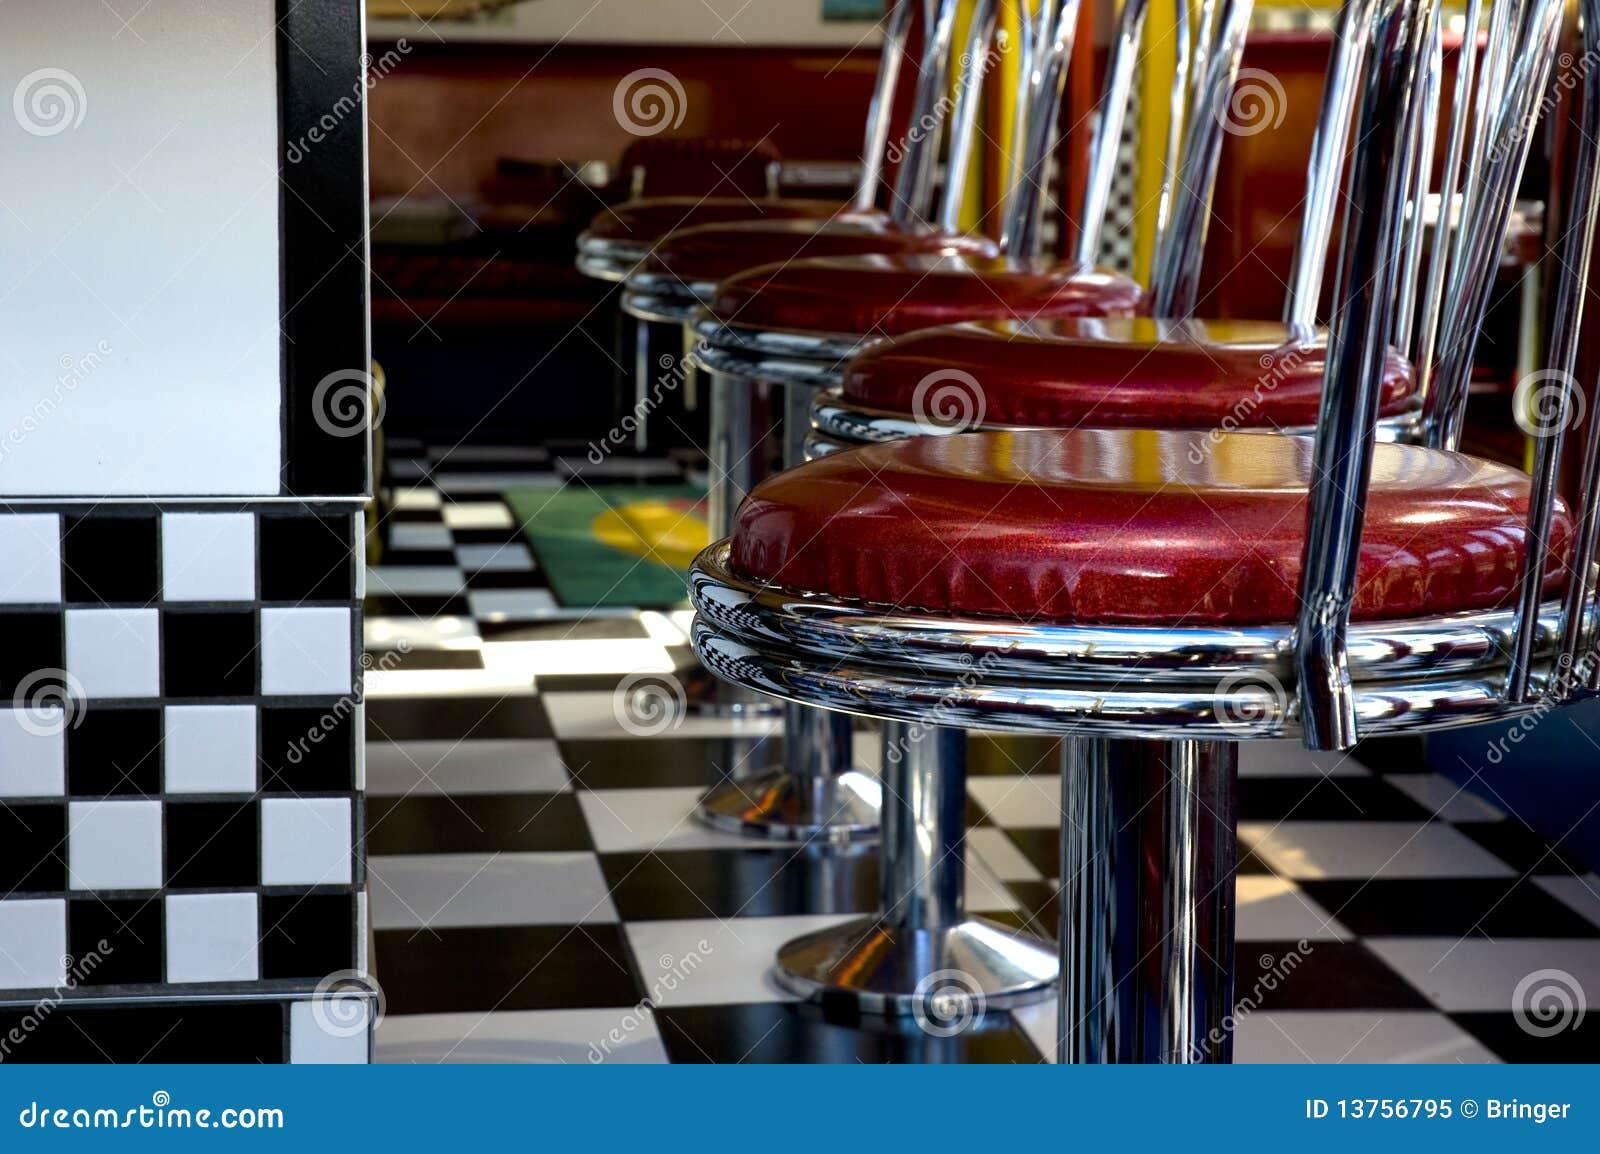 1950 39 s diner stock image image of 1960s 1950s vinyl. Black Bedroom Furniture Sets. Home Design Ideas